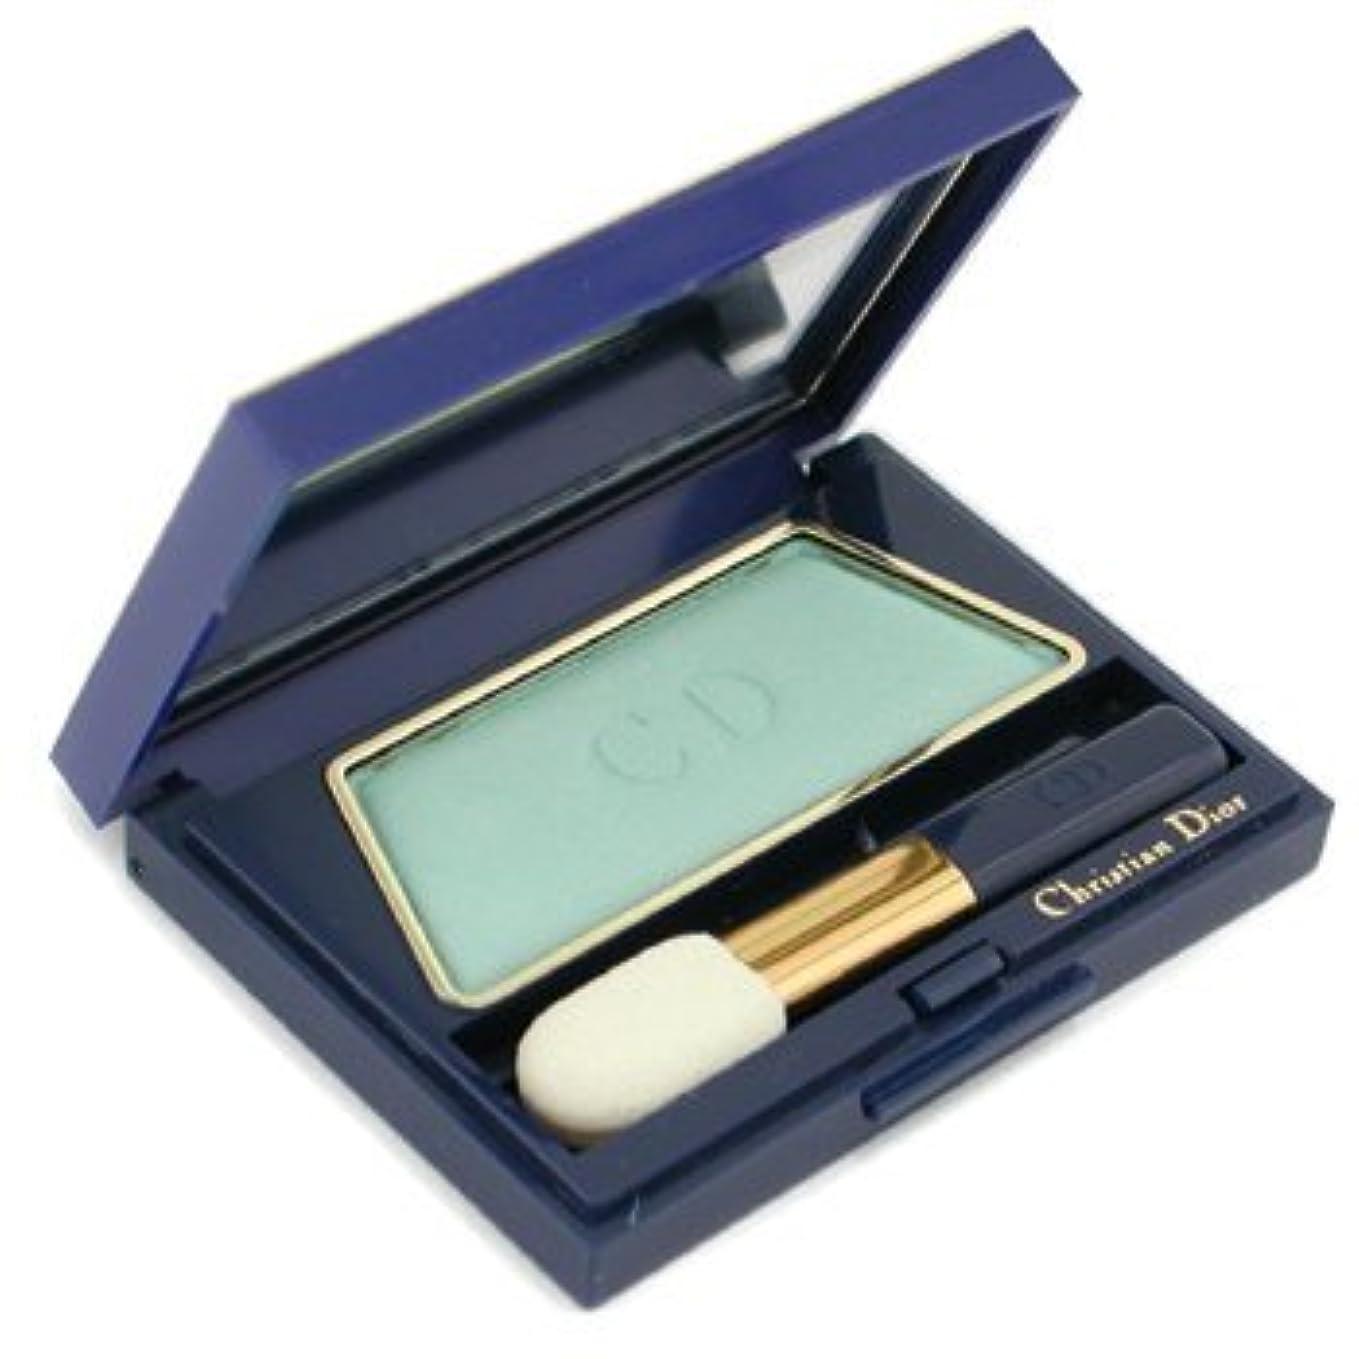 シャイ懐疑論軍Christian Dior Solo Dior Eyeshadow 422 Dewy Green(ソロ ディオール アイシャドウ 422 ドゥーイグリーン)[海外直送品] [並行輸入品]